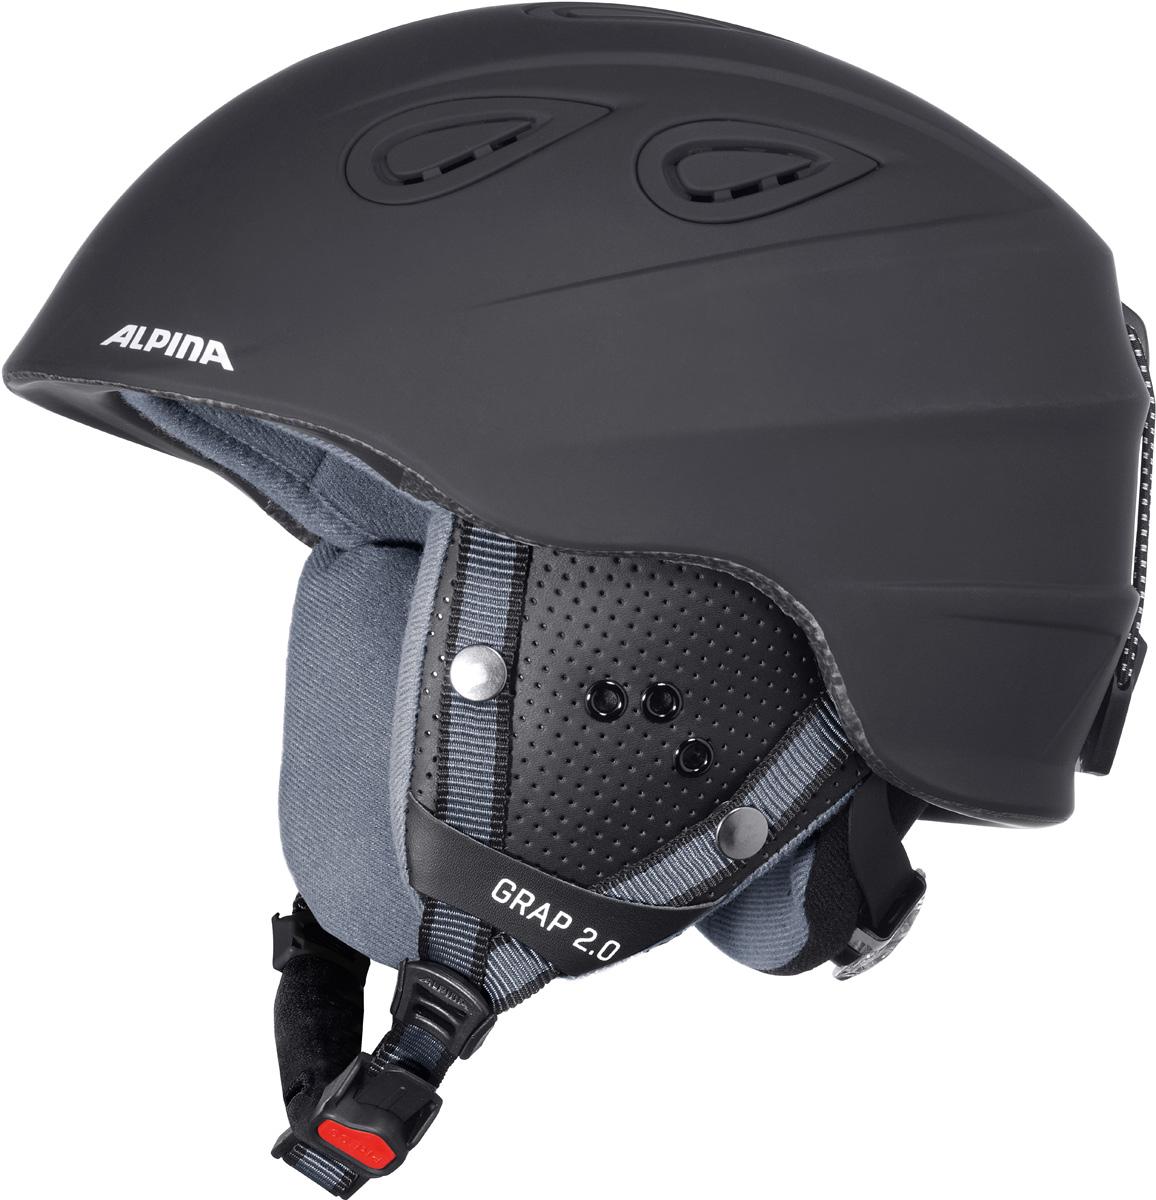 Шлем горнолыжный Alpina Grap 2.0, цвет: черный. A9085_33. Размер 57-61A9085_33Во всем мире популярность горнолыжного шлема Grap лишь набирает обороты. Alpina представляет обновленную версию самой продаваемой модели. Шлем Grap 2.0 сохранил отличительные особенности предыдущей модели и приобрел новые, за которые его выбирают райдеры по всему миру. Универсальность, легкость и прочность сделали его обязательным элементом экипировки любителей горнолыжного спорта. Модель также представлена в детской линейке шлемов.Технологии:Конструкция In-Mold - соединение внутреннего слоя из EPS (вспененного полистирола) с внешним покрытием под большим давлением в условиях высокой температуры. В результате внешняя поликарбонатная оболочка сохраняет форму конструкции, предотвращая поломку и попадание осколков внутрь шлема, а внутренний слой Hi-EPS, состоящий из множества наполненных воздухом гранул, амортизирует ударную волну, защищая голову райдера от повреждений.Внешнее покрытие Ceramic Shell обеспечивает повышенную ударопрочность и износостойкость, а также обладает защитой от УФ-излучений, препятствующей выгоранию на солнце, и антистатичными свойствами.Съемный внутренний тканевый слой. Подкладку можно постирать и легко вставить обратно. Своевременный уход за внутренником предотвращает появление неприятного запаха.Вентиляционная система с раздвижным механизмом с возможностью регулировки интенсивности потока воздуха.Классическая система регулировки в шлемах Alpina Run System с регулировочным кольцом на затылке позволяет быстро и легко подобрать оптимальную и комфортную плотность посадки на голове.Съемные ушки согревают в холодную погоду, а в теплую компактно хранятся в кармане куртки.Шейный воротник из микрофлиса в задней части шлема быстро согревает и не давит на шею.Ремешок фиксируется кнопкой с запирающим механизмом. Застежка максимально удобна для использования в перчатках.Система Edge Protect в конструкции шлема защищает голову горнолыжника при боковом ударе.Система Y-Clip гарантир